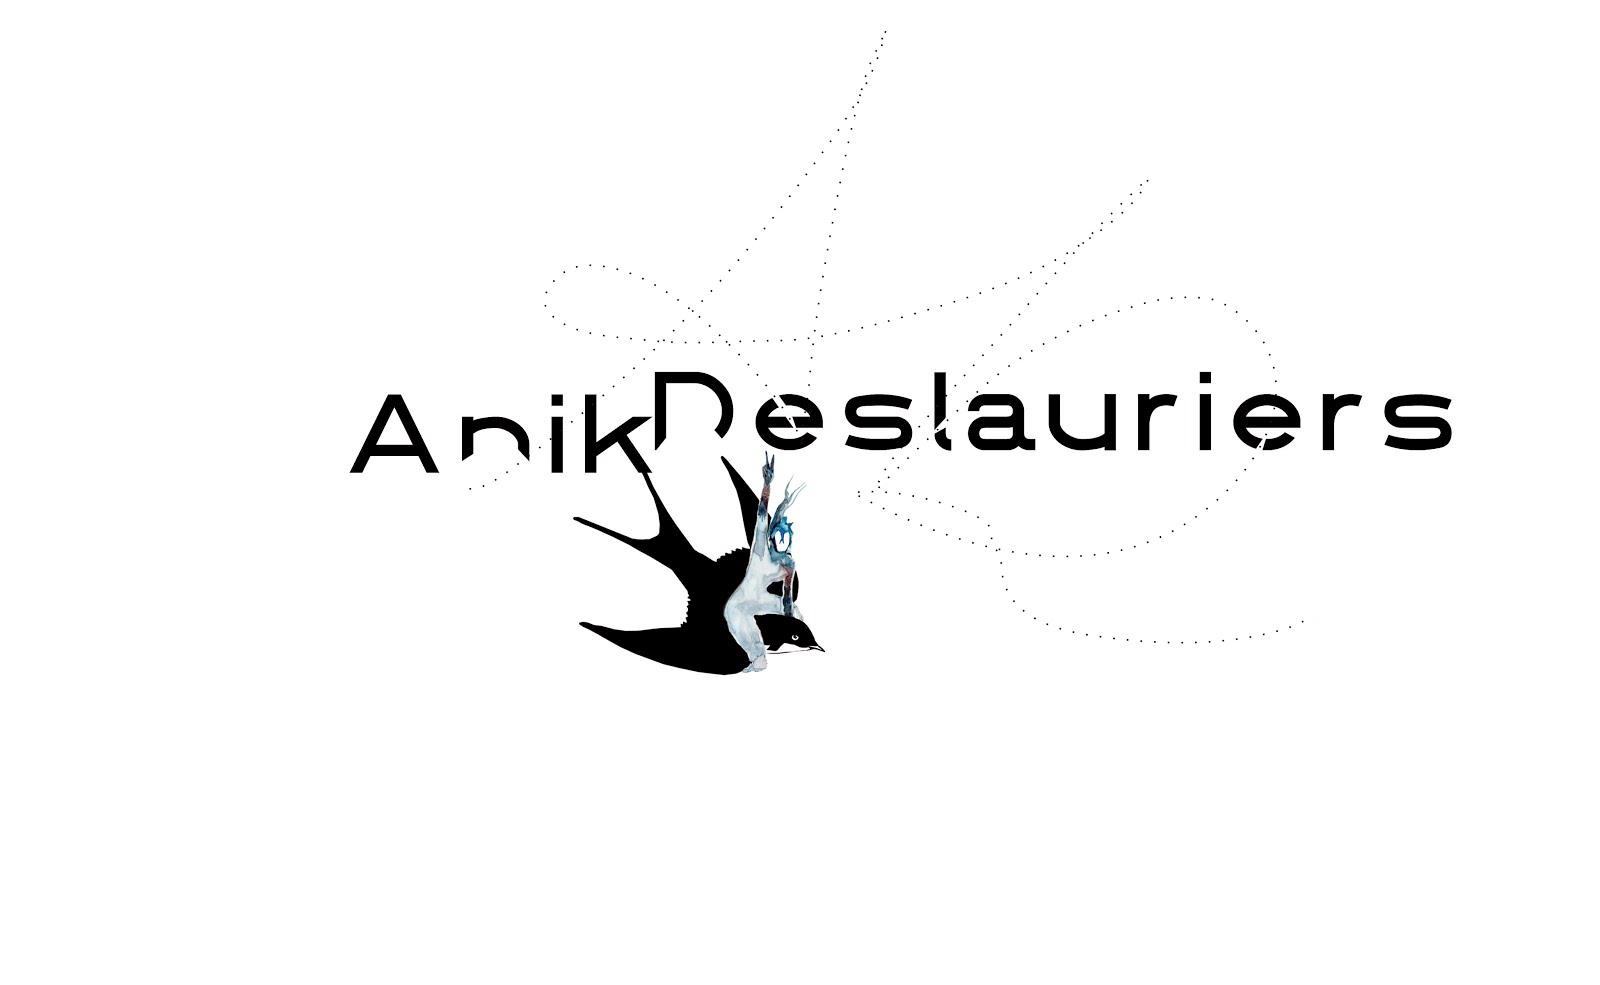 Anik Deslauriers